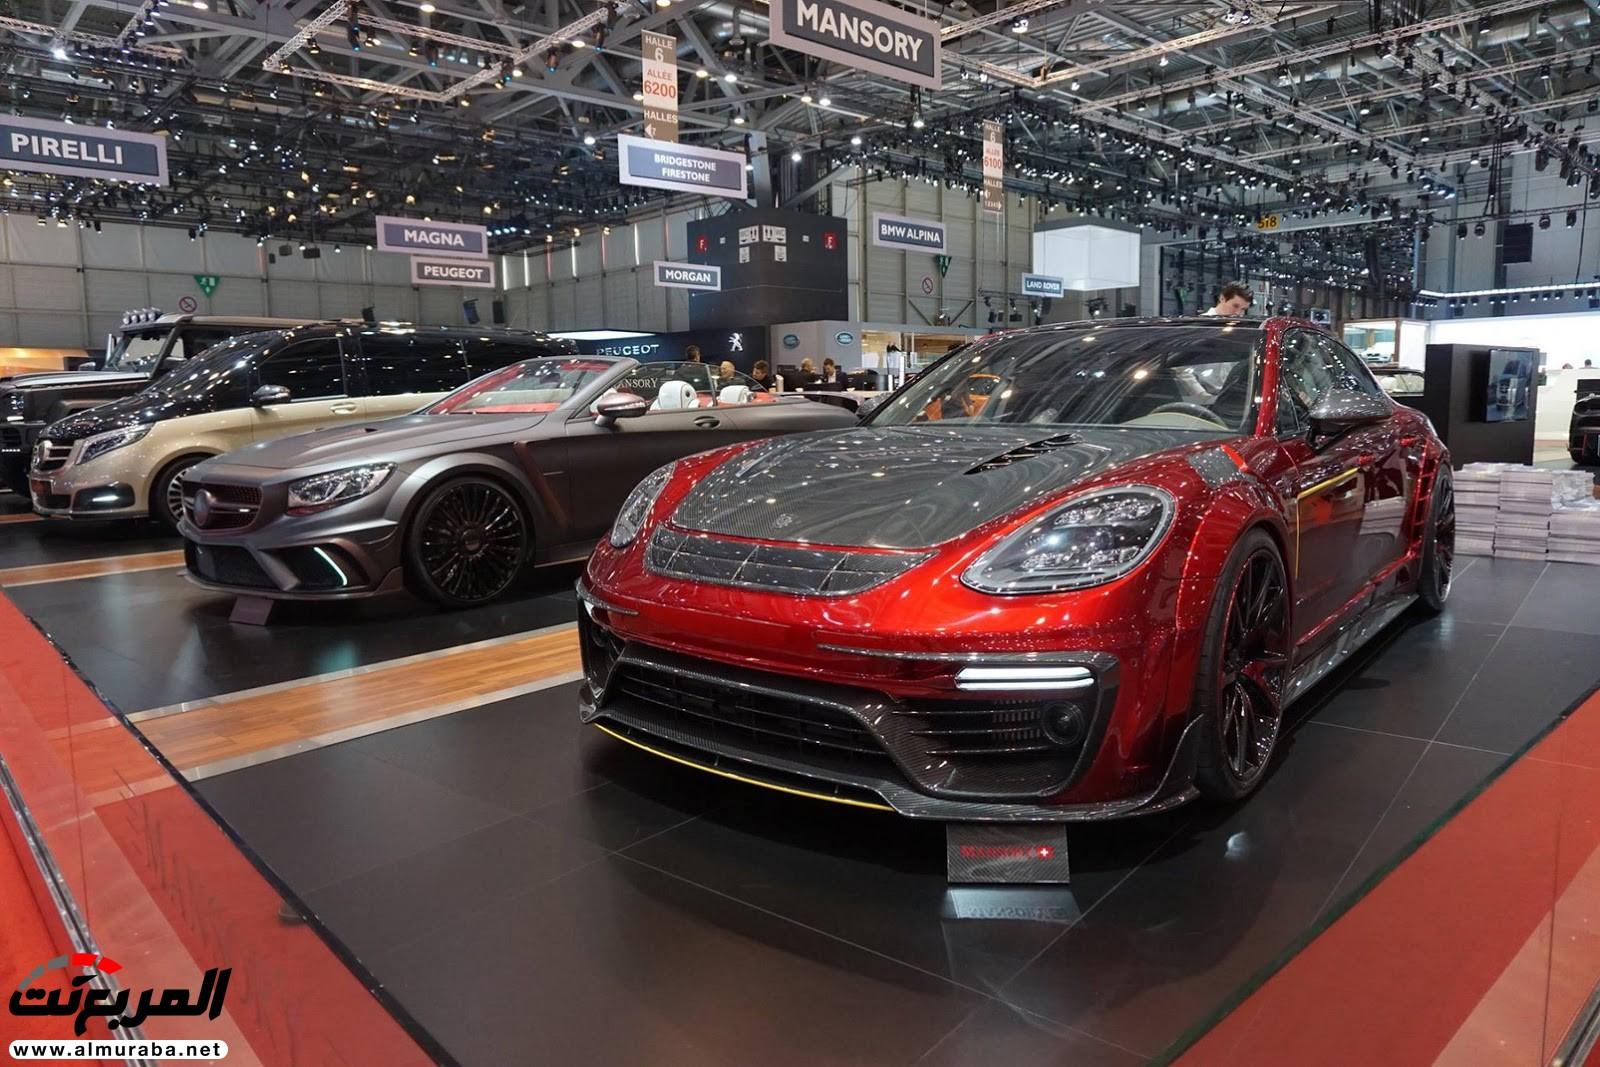 """صور أهم السيارات المعدلة من """"مانسوري"""" في معرض جنيف  Mansory-geneva-livepics-2017-1"""